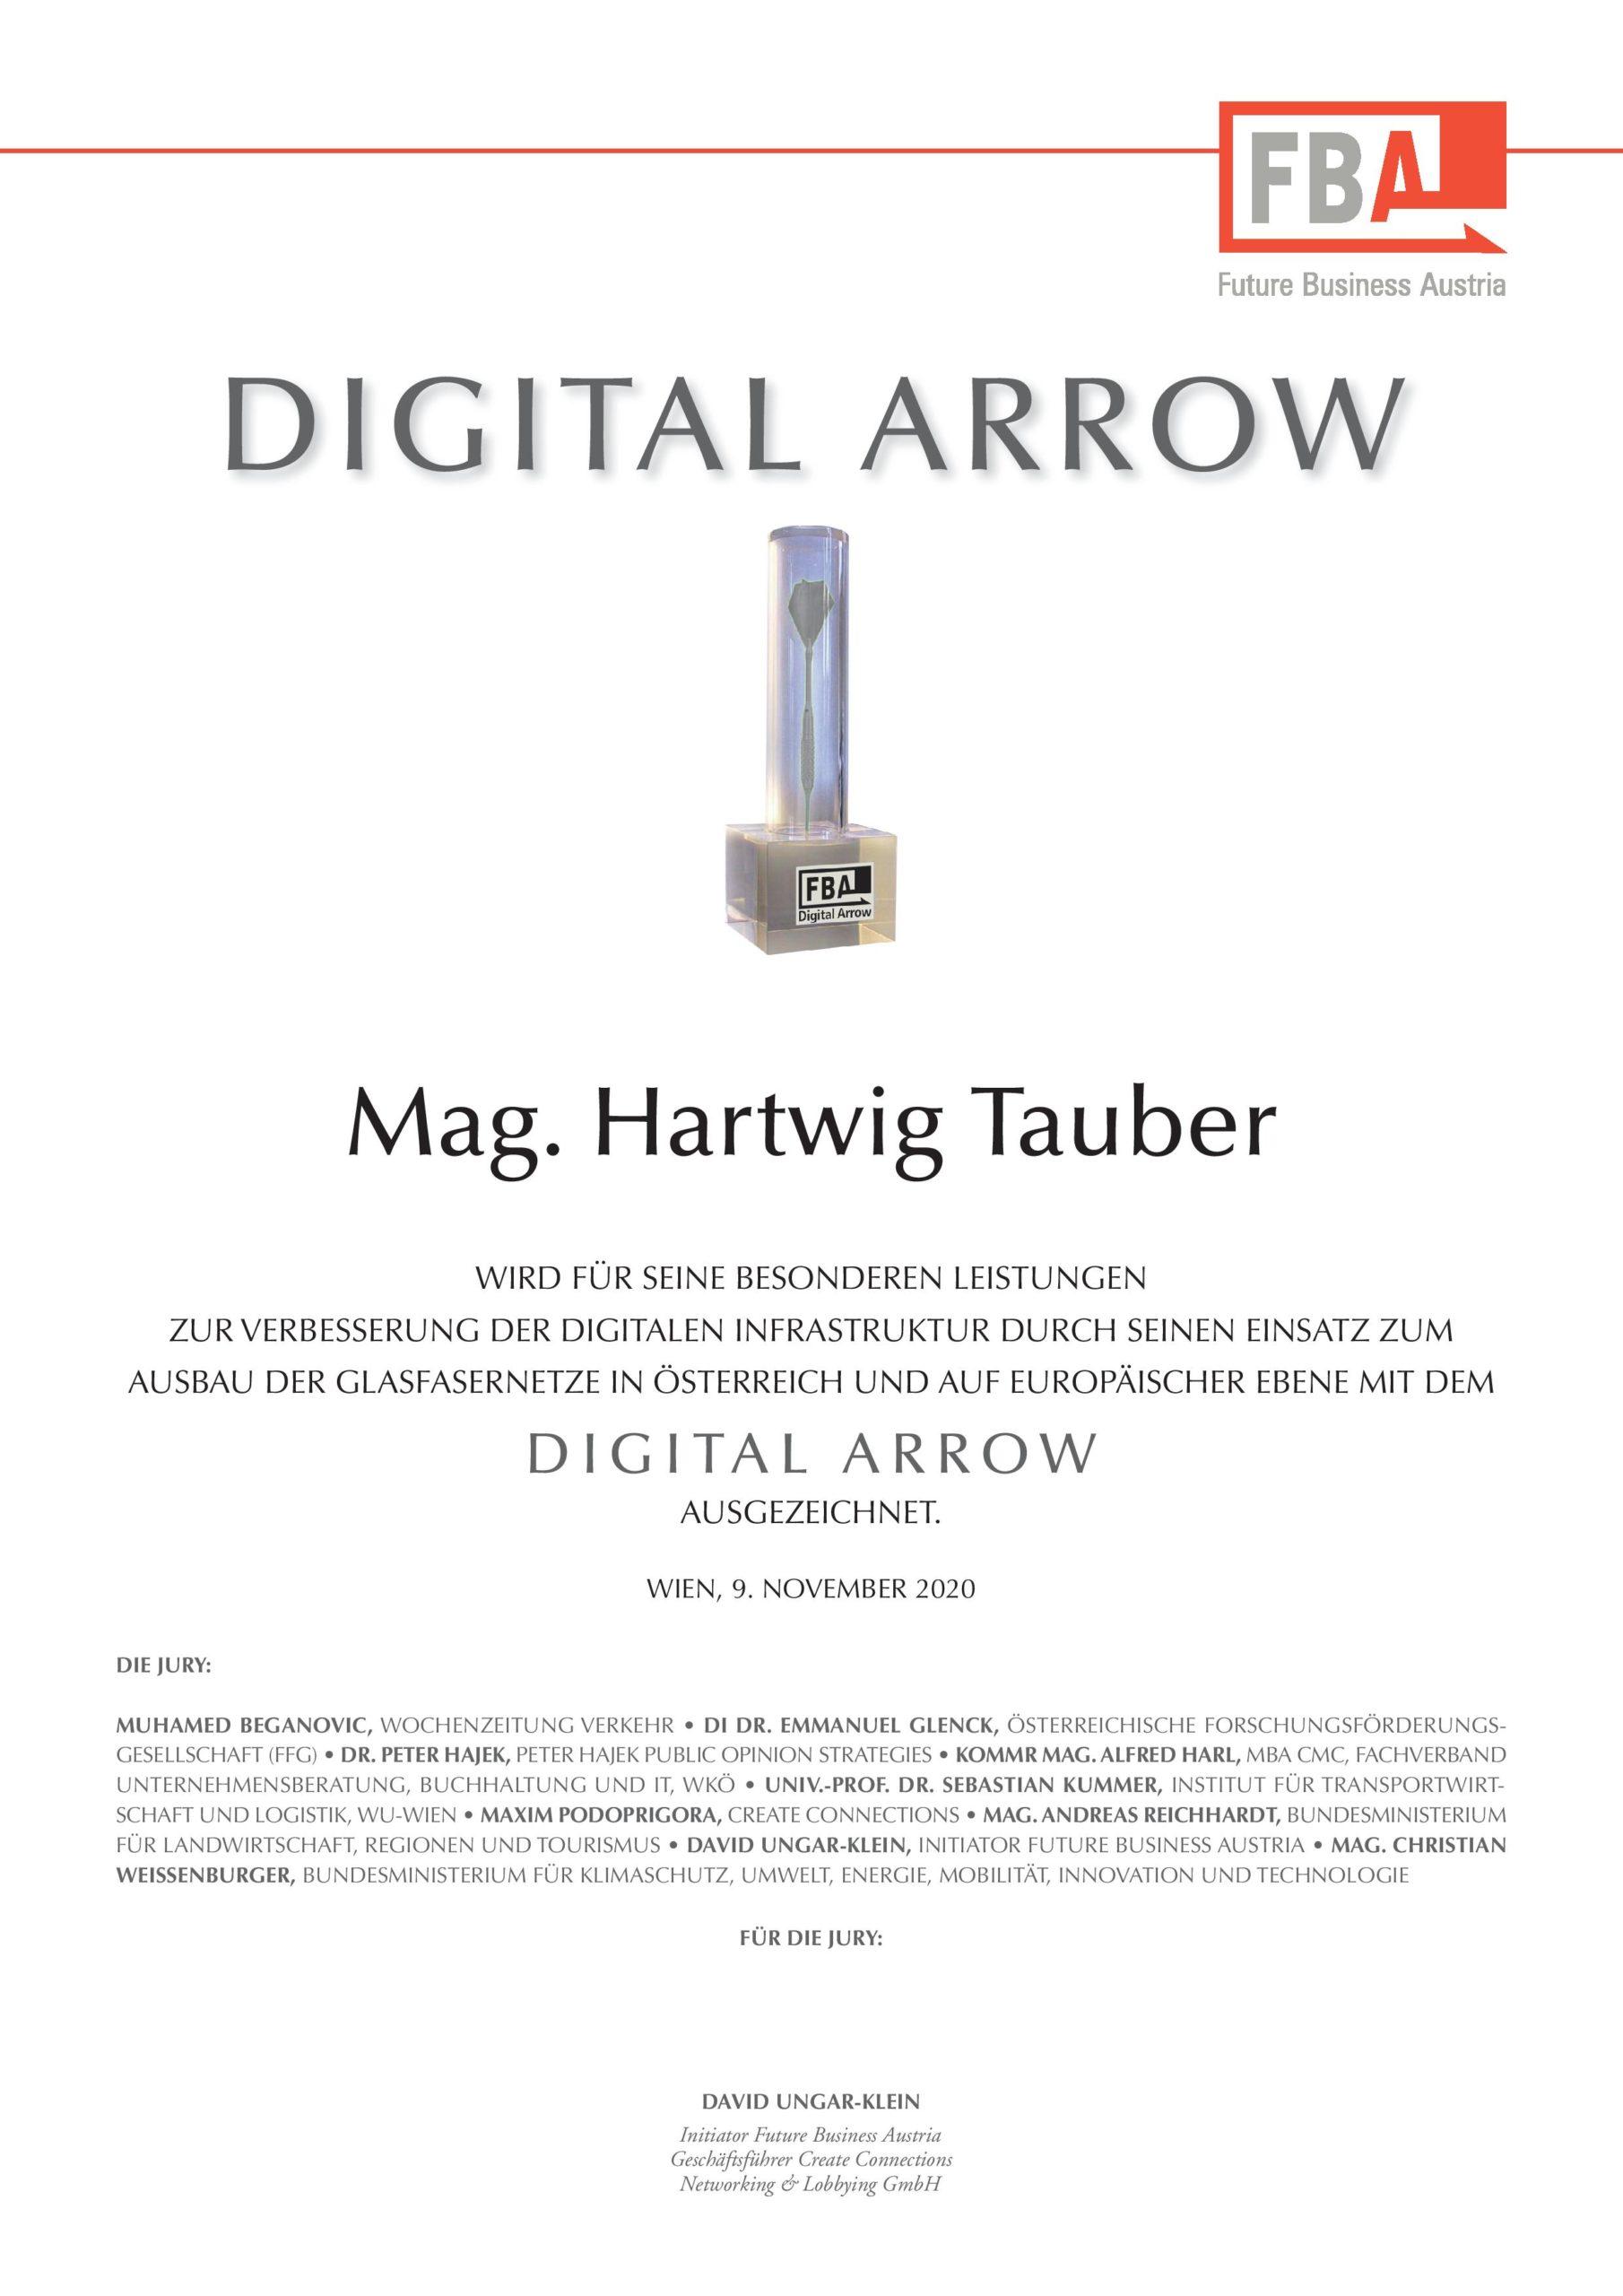 Digital Arrow Presiträger 2020